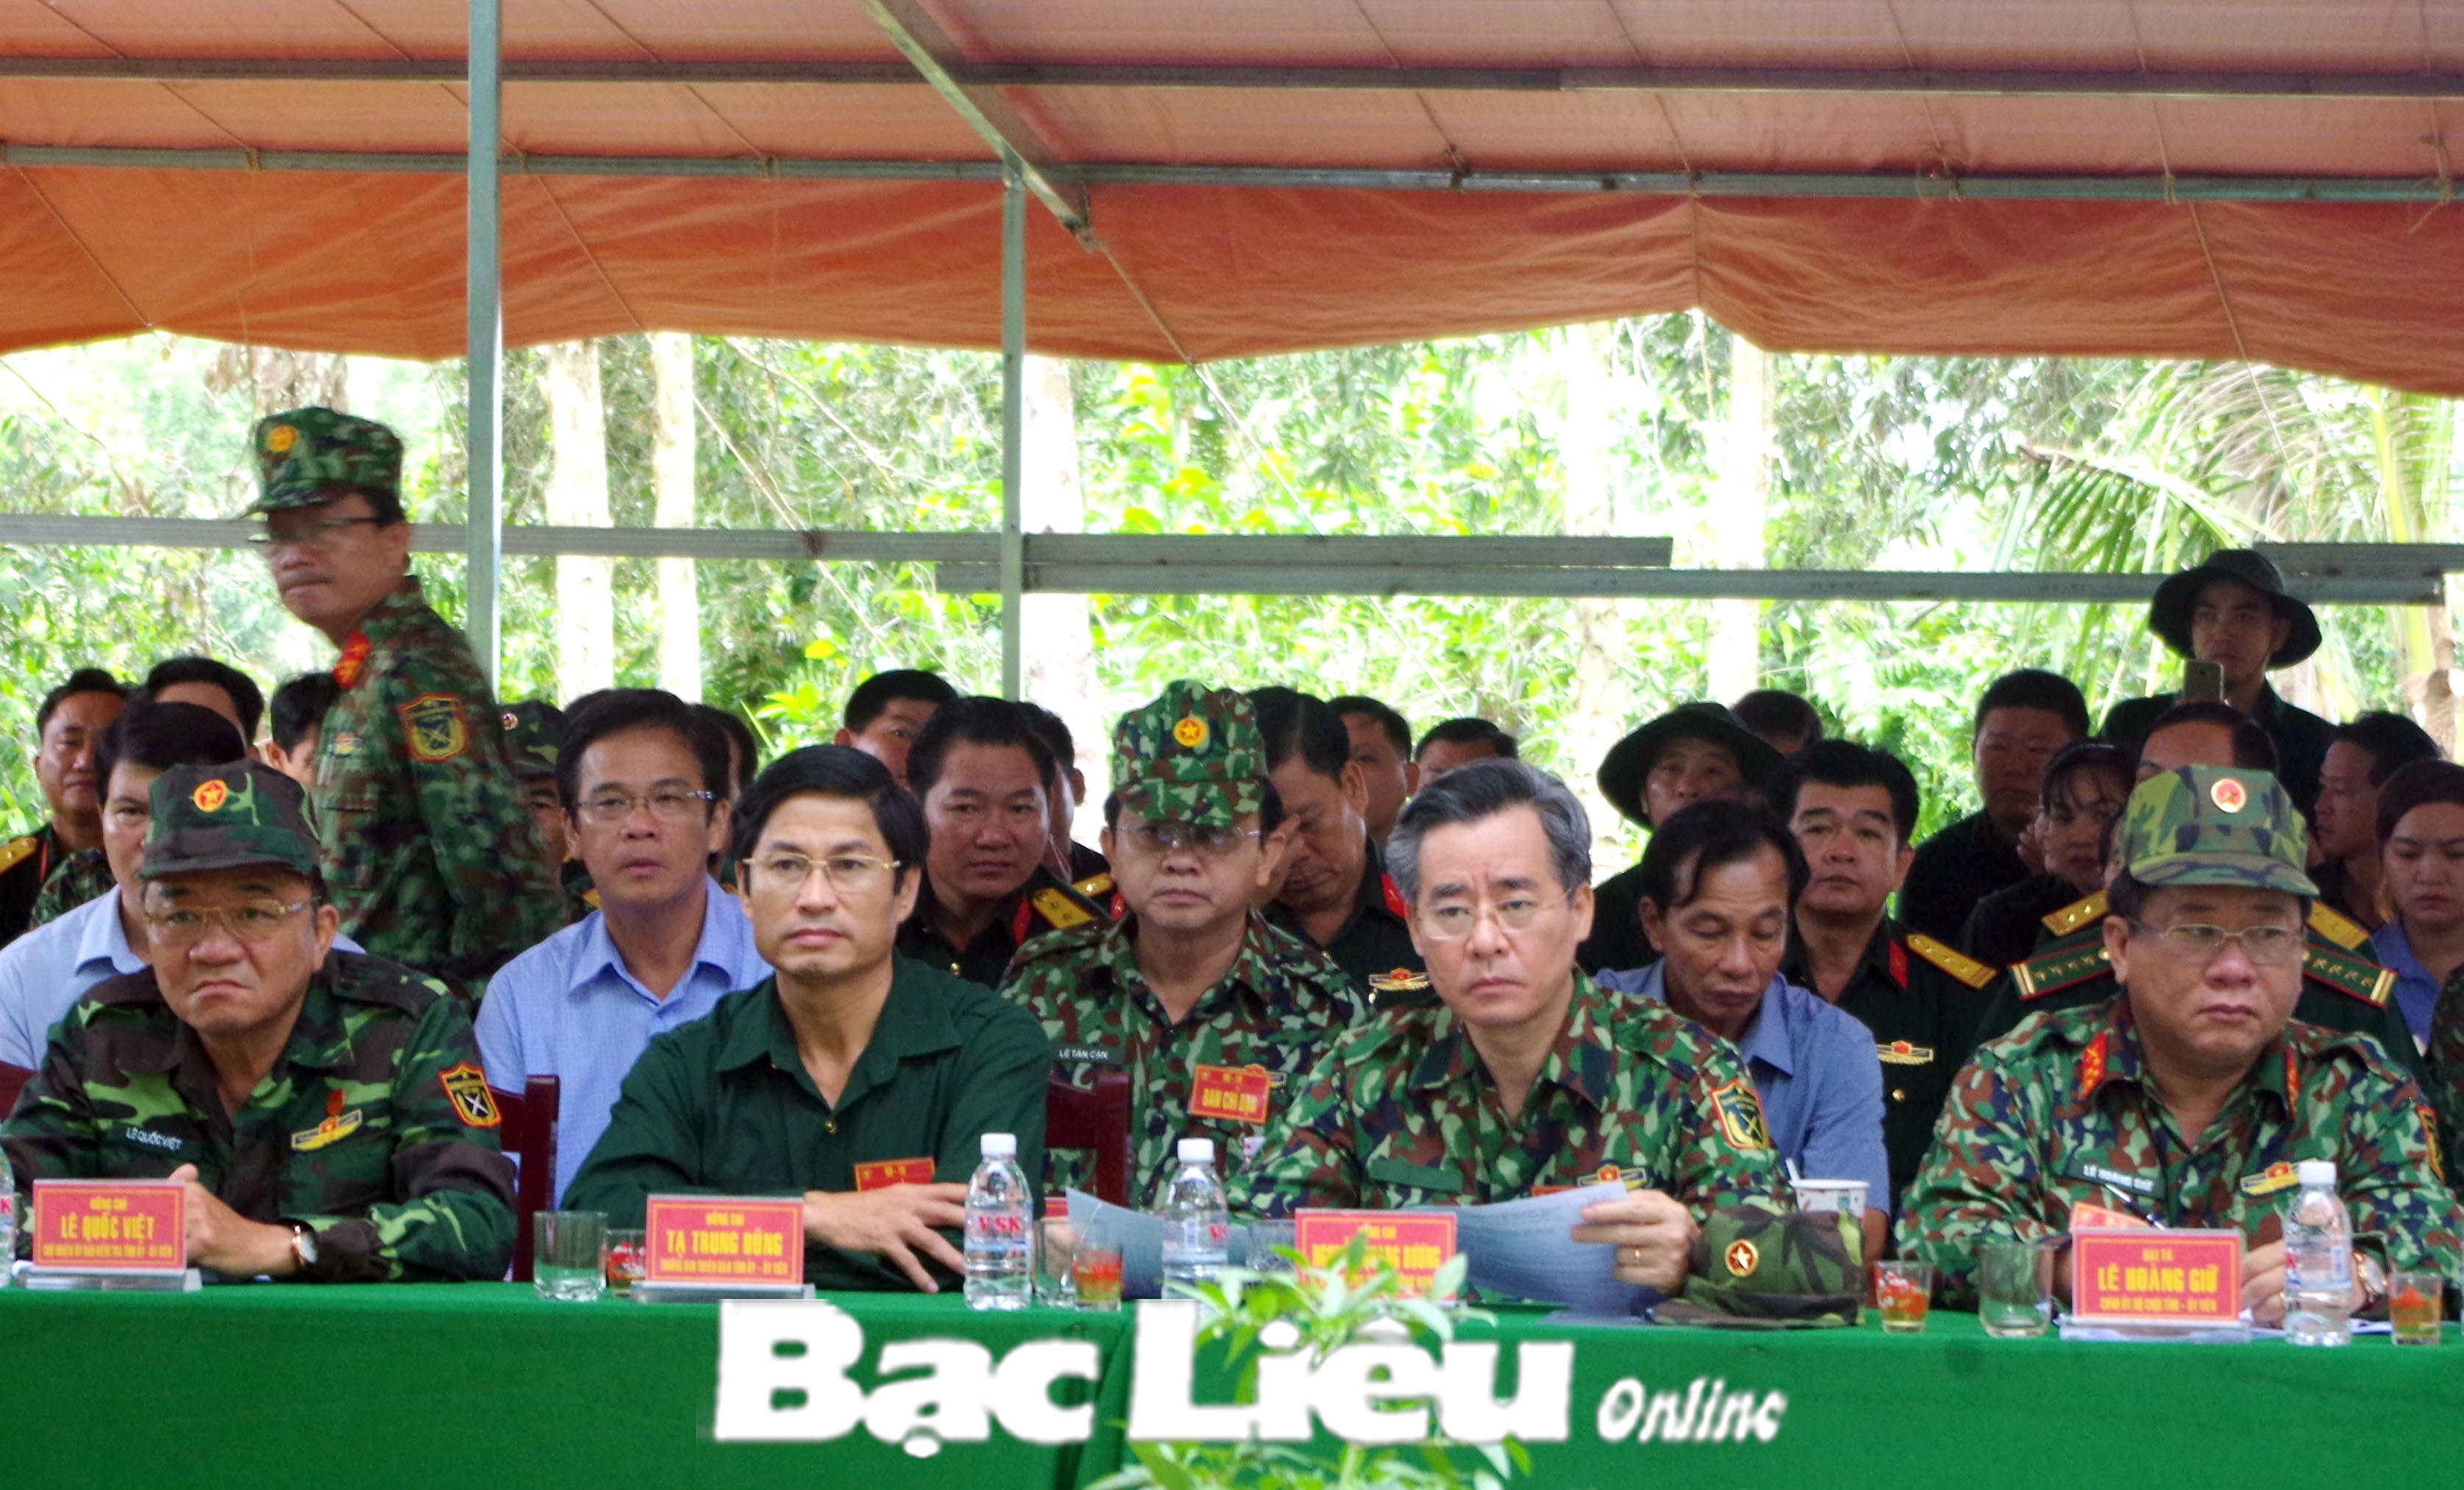 Bí thư Tỉnh ủy - Nguyễn Quang Dương chỉ đạo diễn tập khu vực phòng thủ huyện Hồng Dân